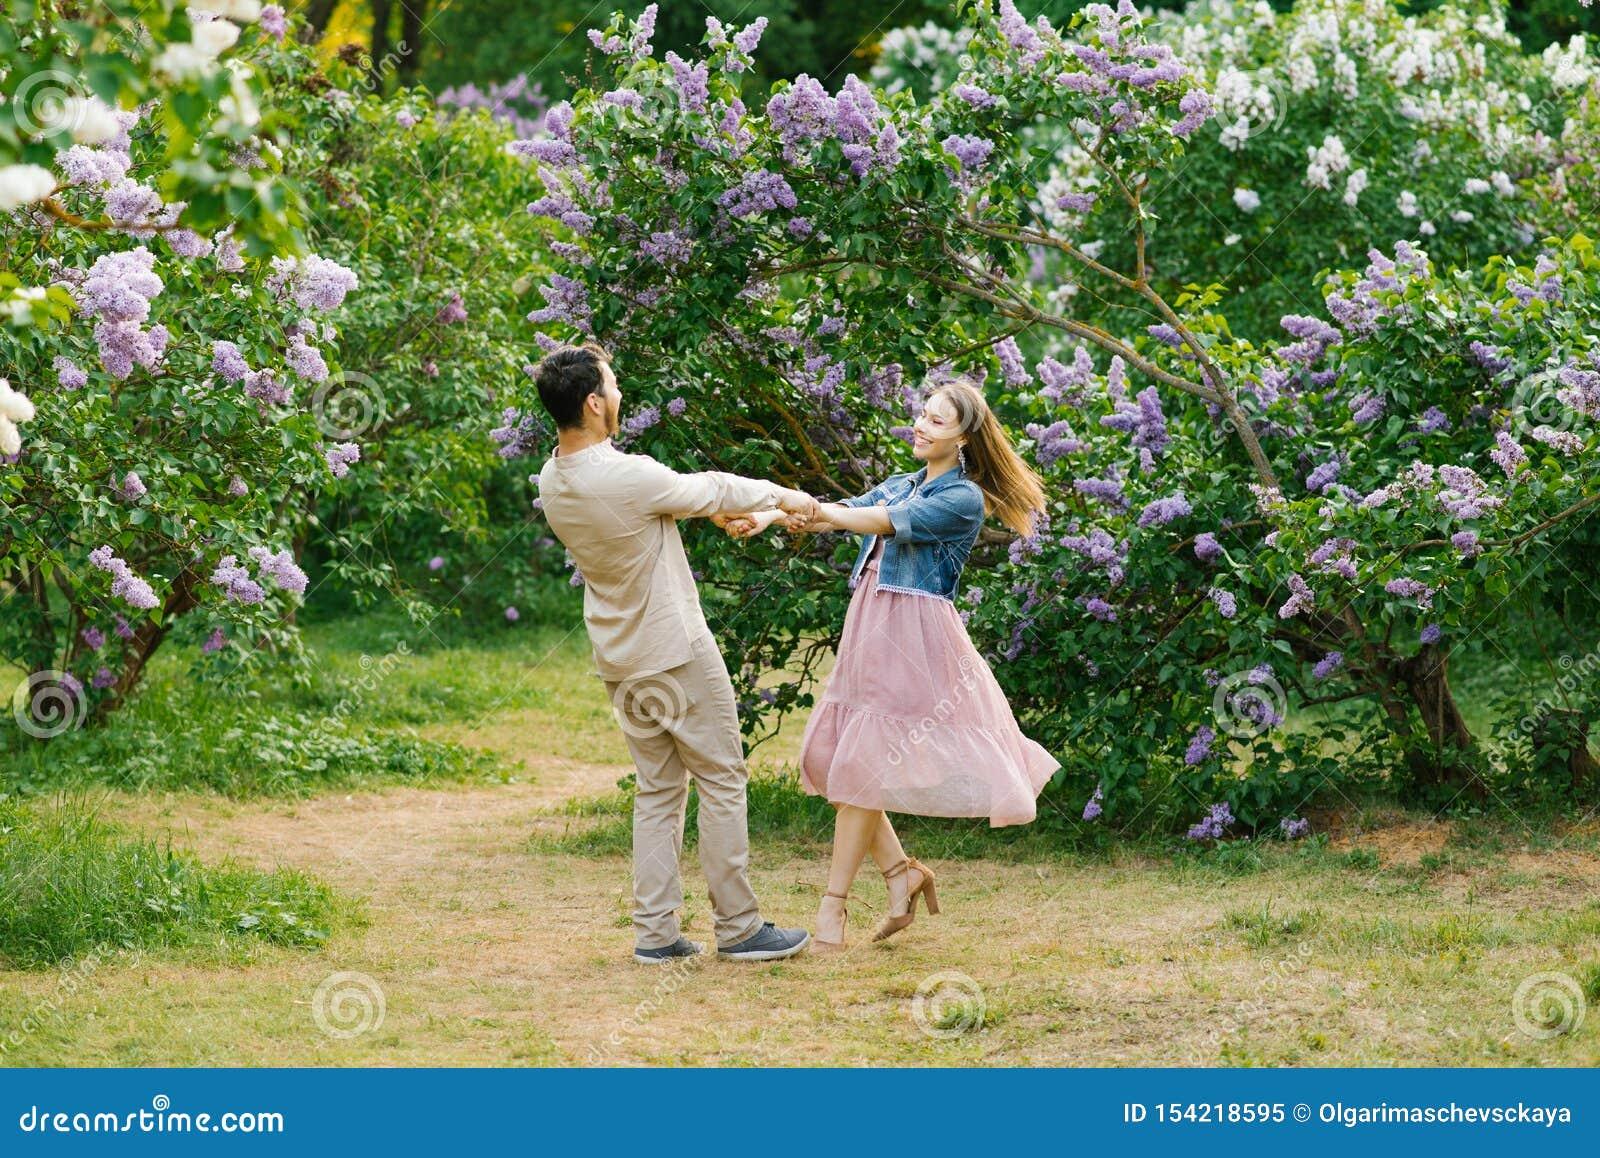 Giovani coppie amorose che si tengono per mano e che filano nel giardino lilla